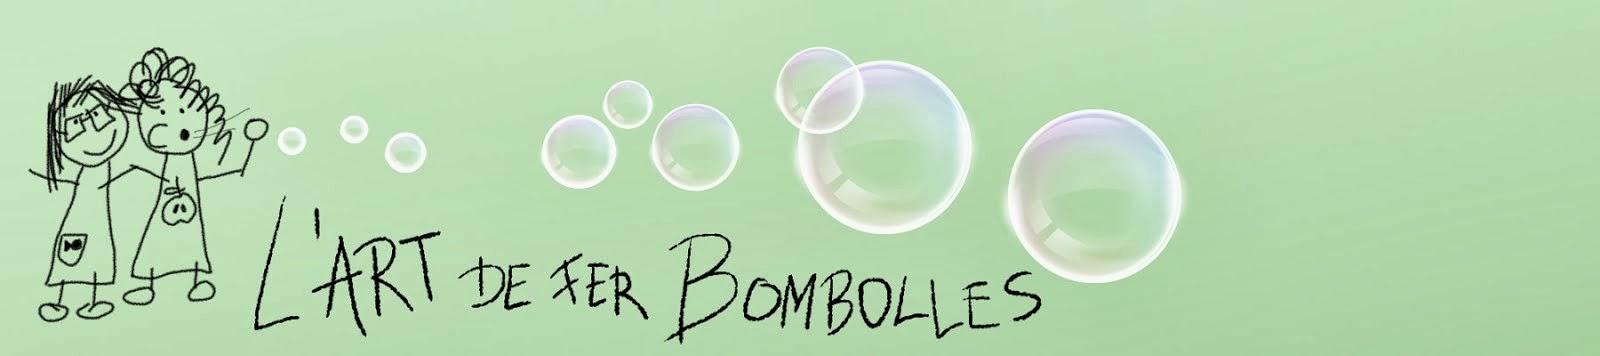 L'ART   DE   FER   BOMBOLLES